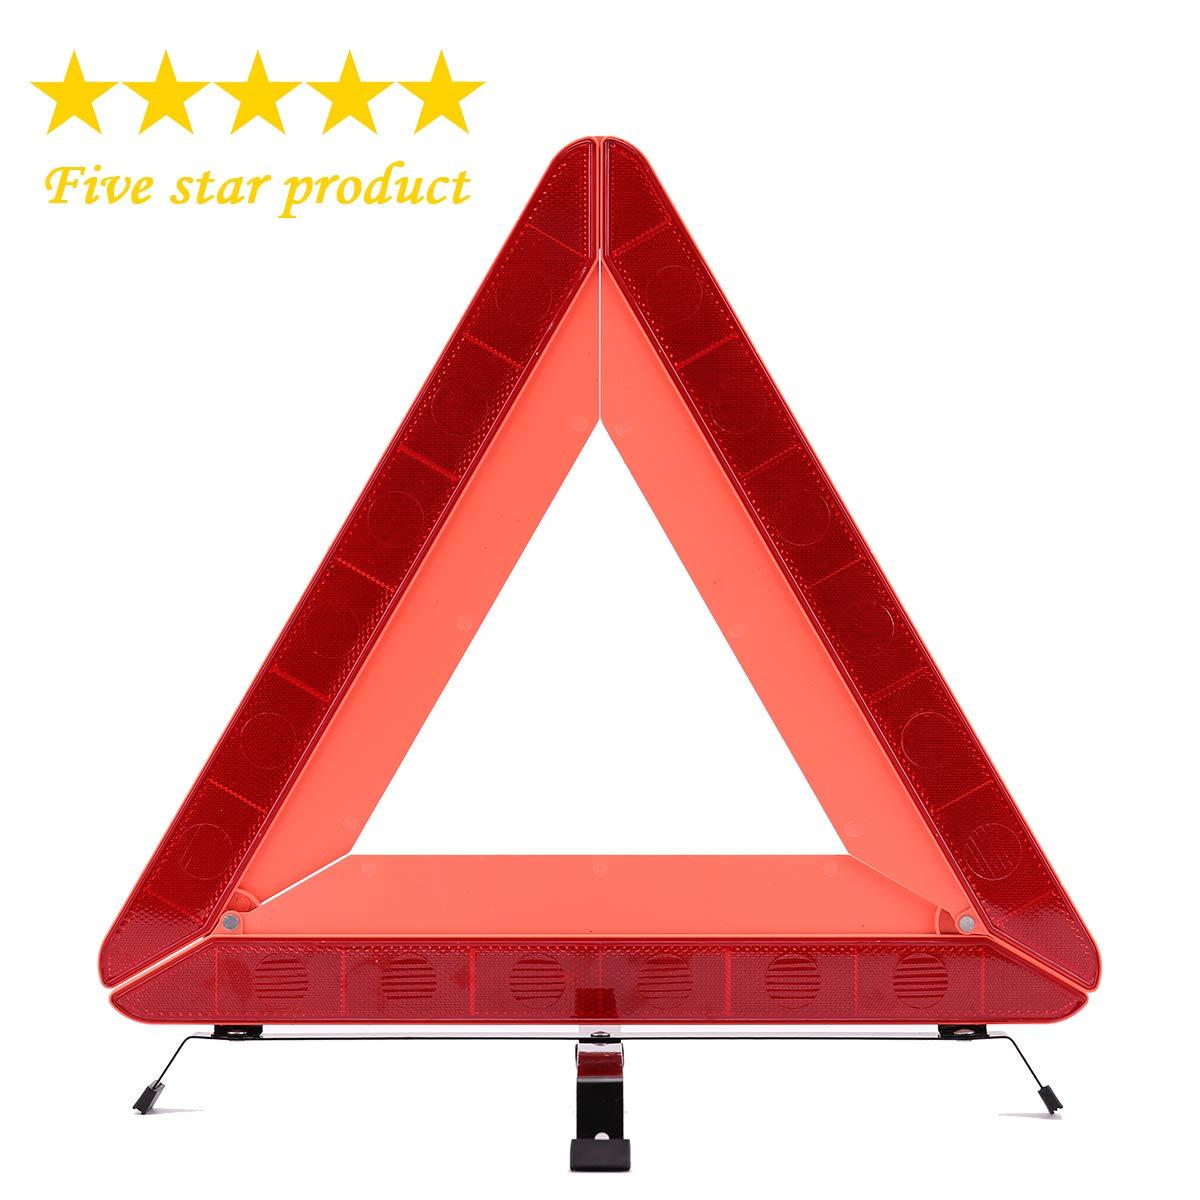 Deutschauto Pliable de Voiture d'urgence Triangle, réfléchissant Avertissement Sécurité routière Triangle kit réfléchissant Avertissement Sécurité routière Triangle kit